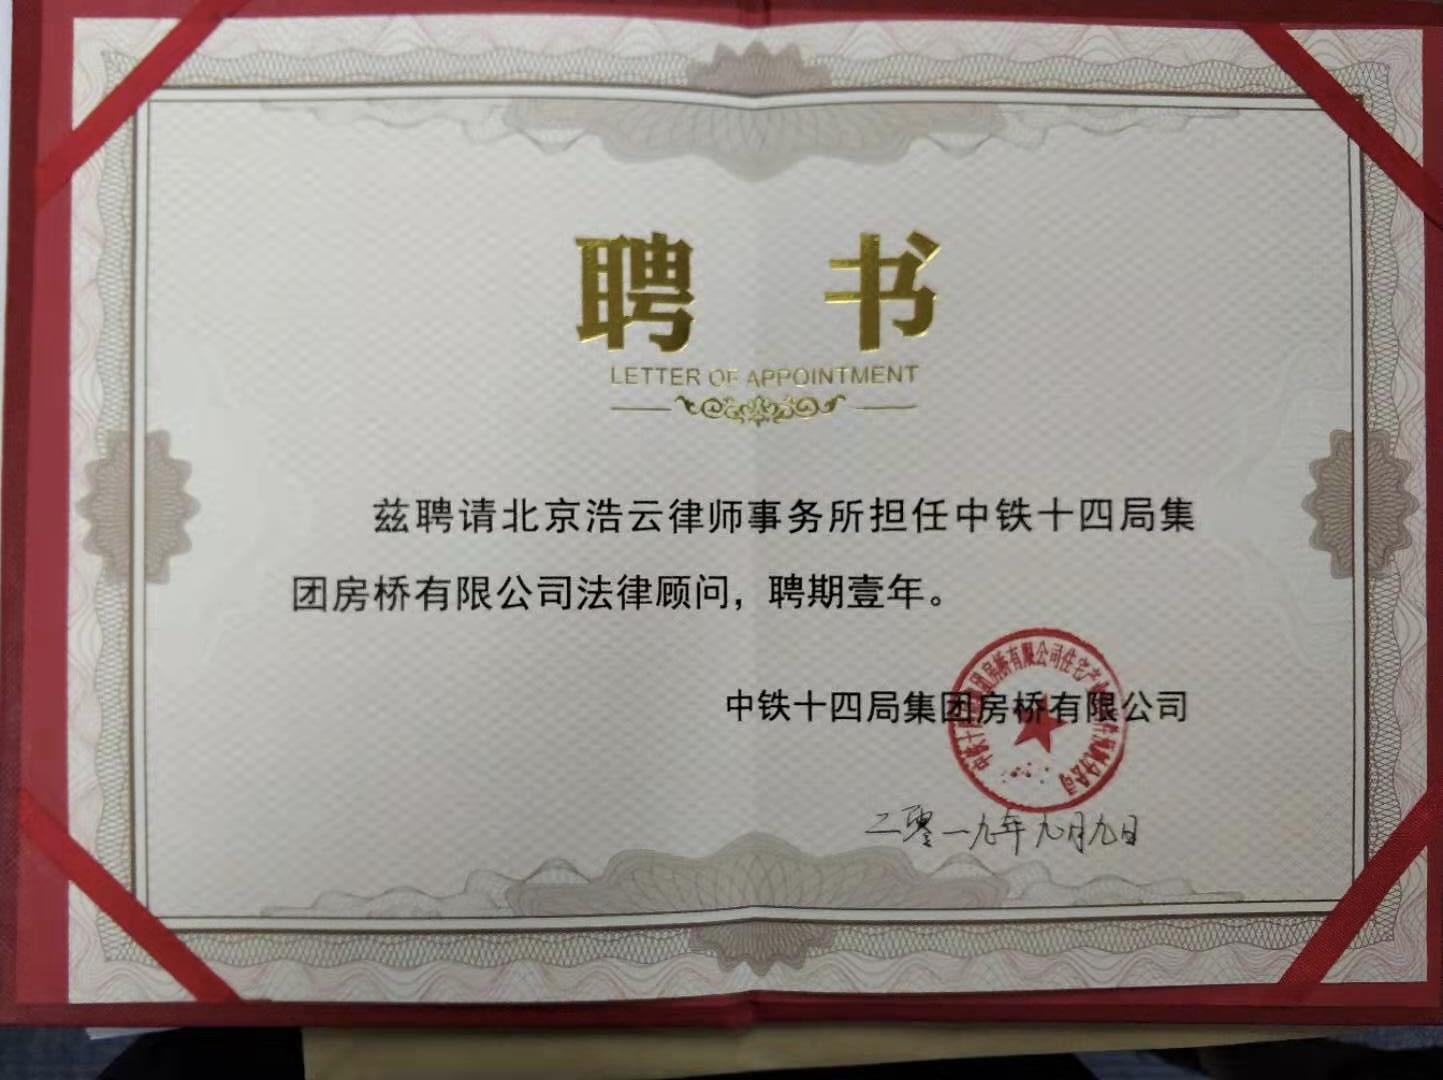 欧冠-北京浩云律师事务所与中铁十四局集团房桥有限公司达成法律顾问合作